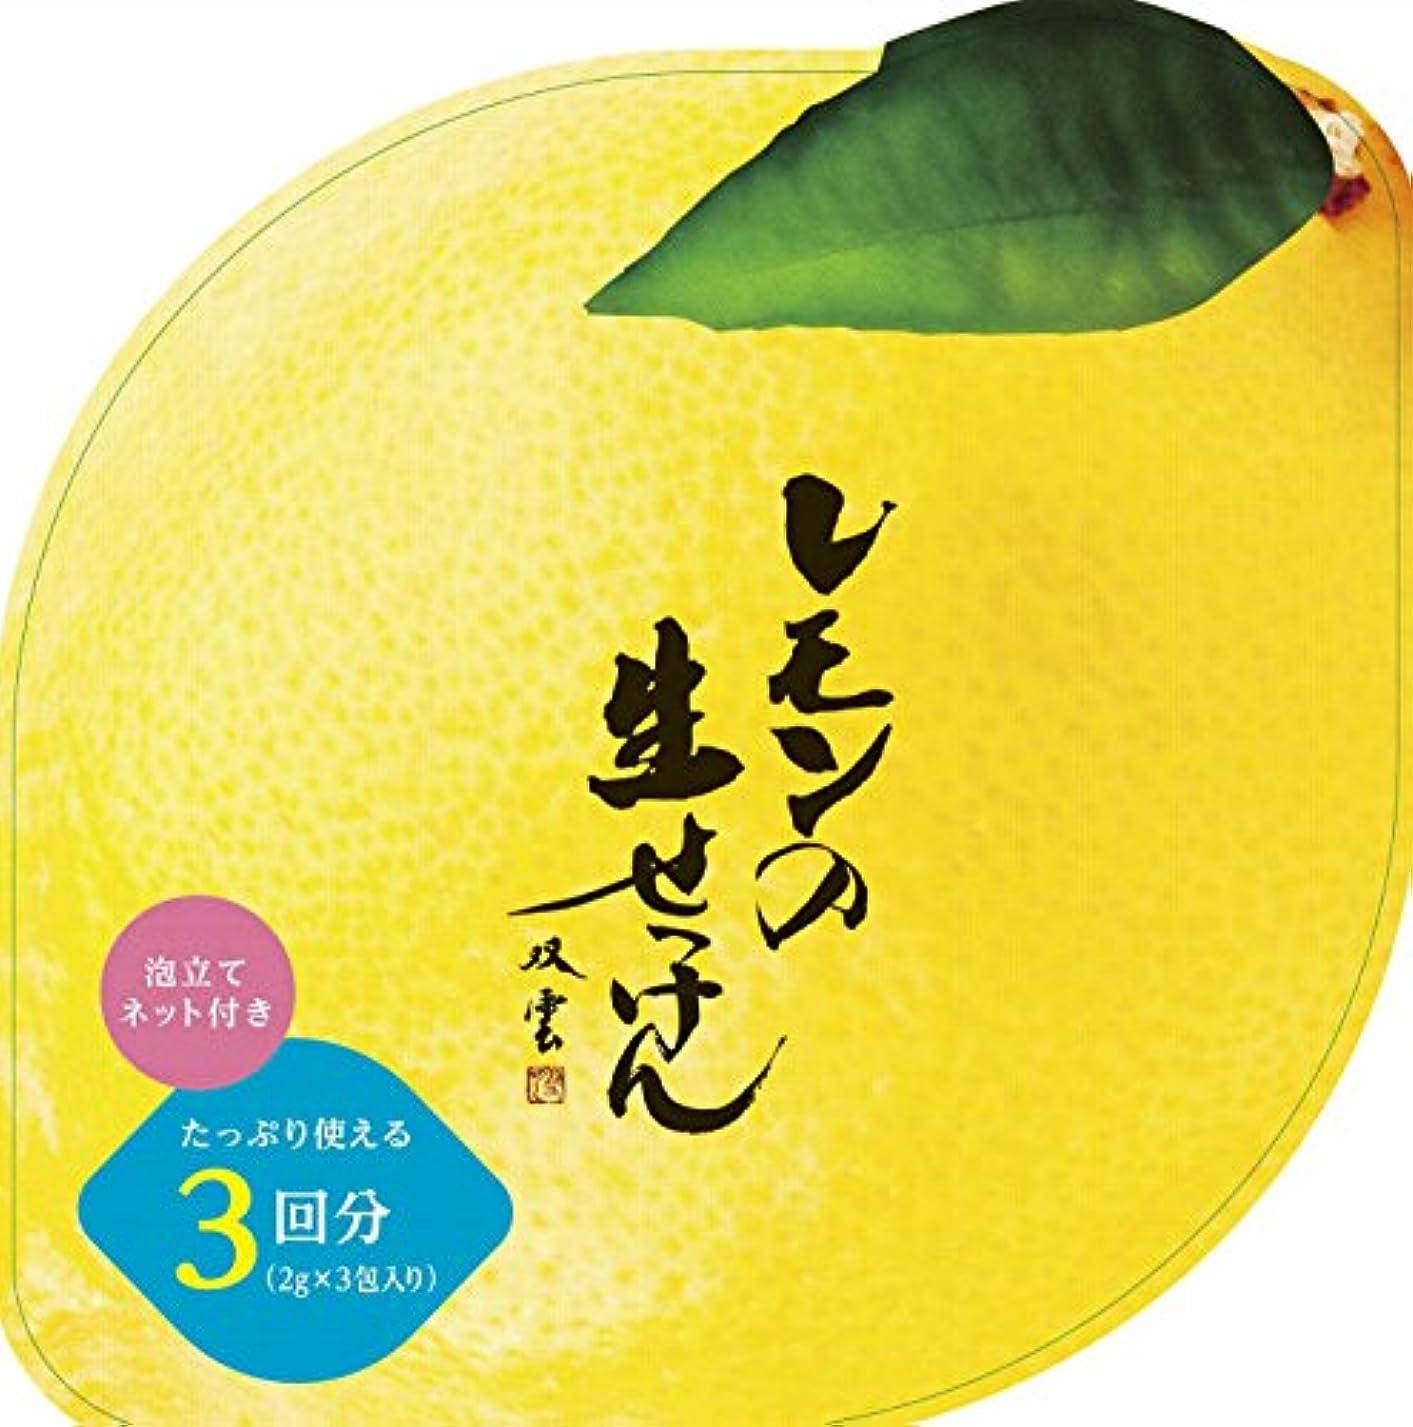 寄り添う始まり丘美香柑 レモンの生せっけん 2g×3包入